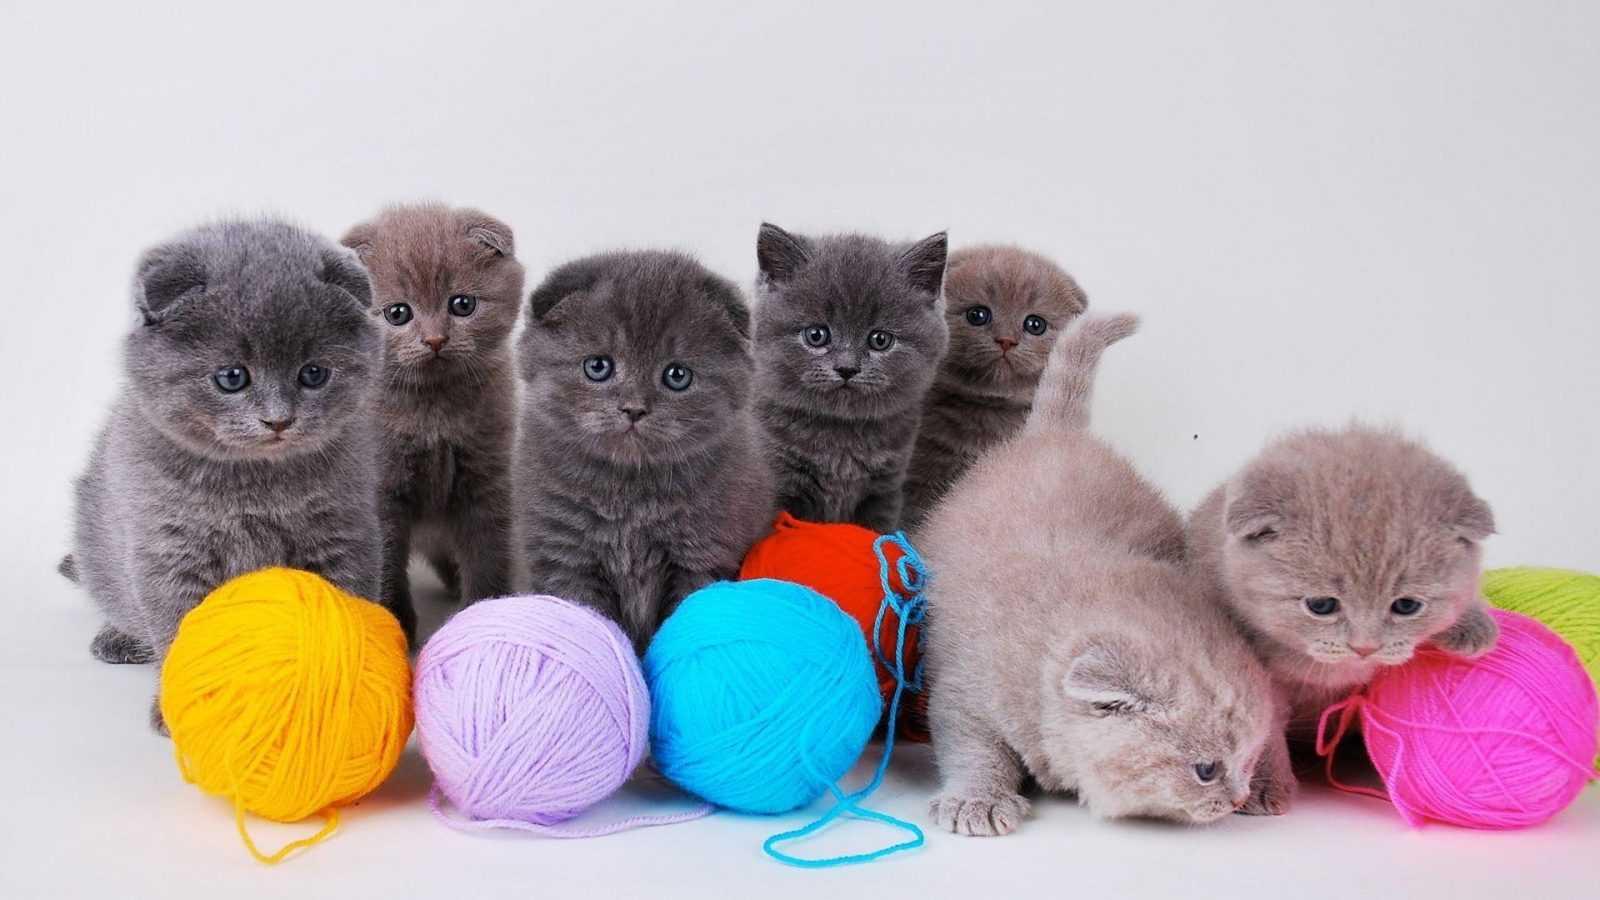 Yavru Kedi Fotoğrafları | Yavru Kedi Resimleri